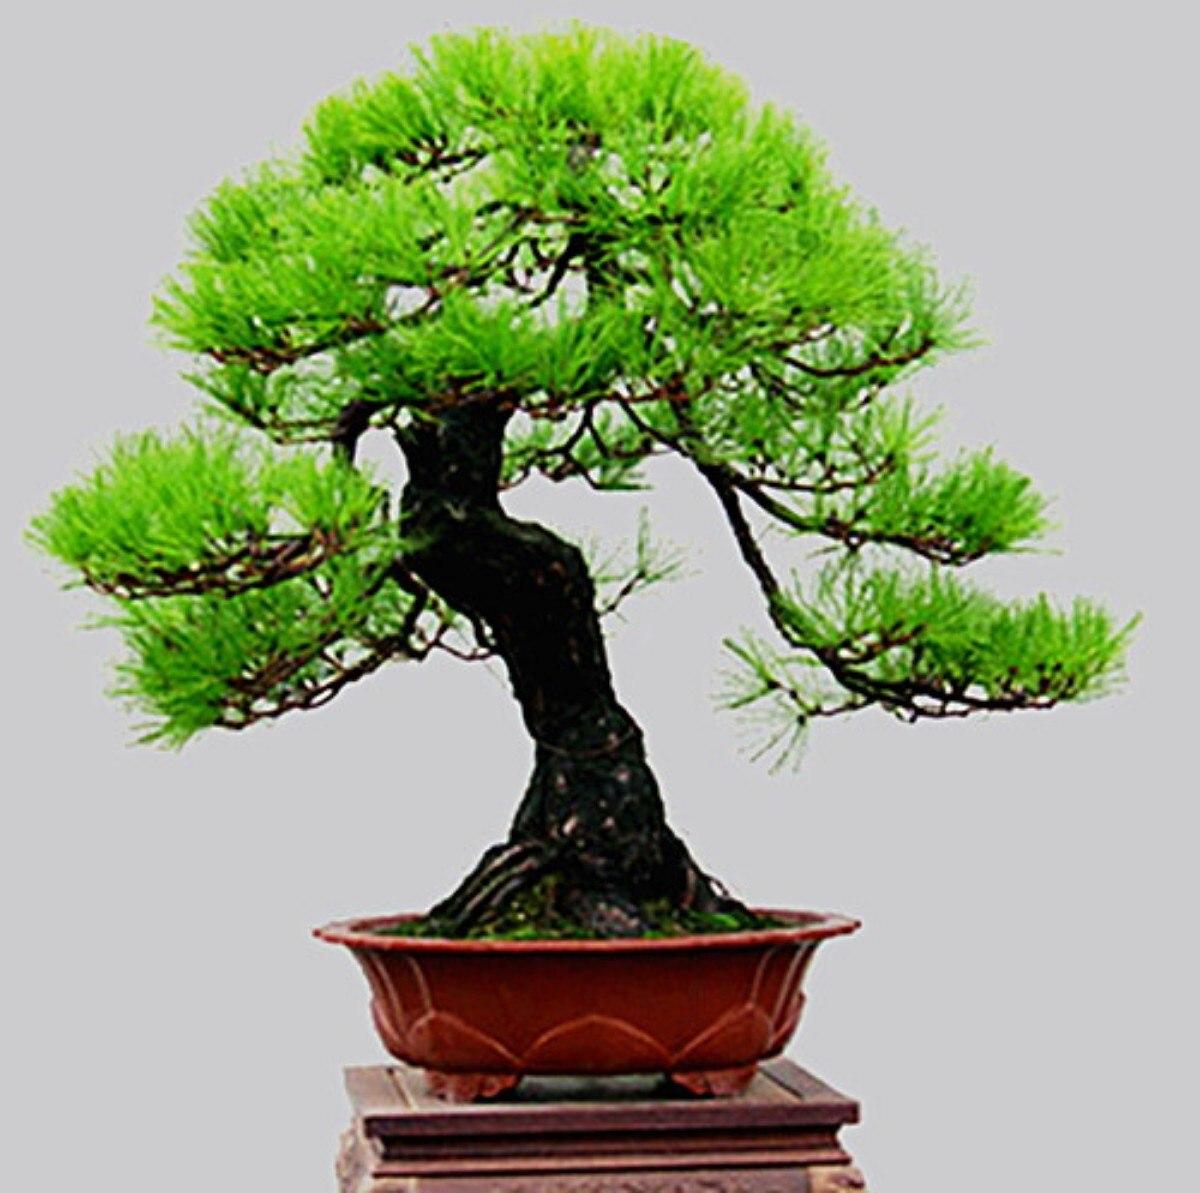 Pinheiro negro para bonsai pinus thunbergii 10 sementes r 25 00 em mercado livre - Plantas para bonsai ...